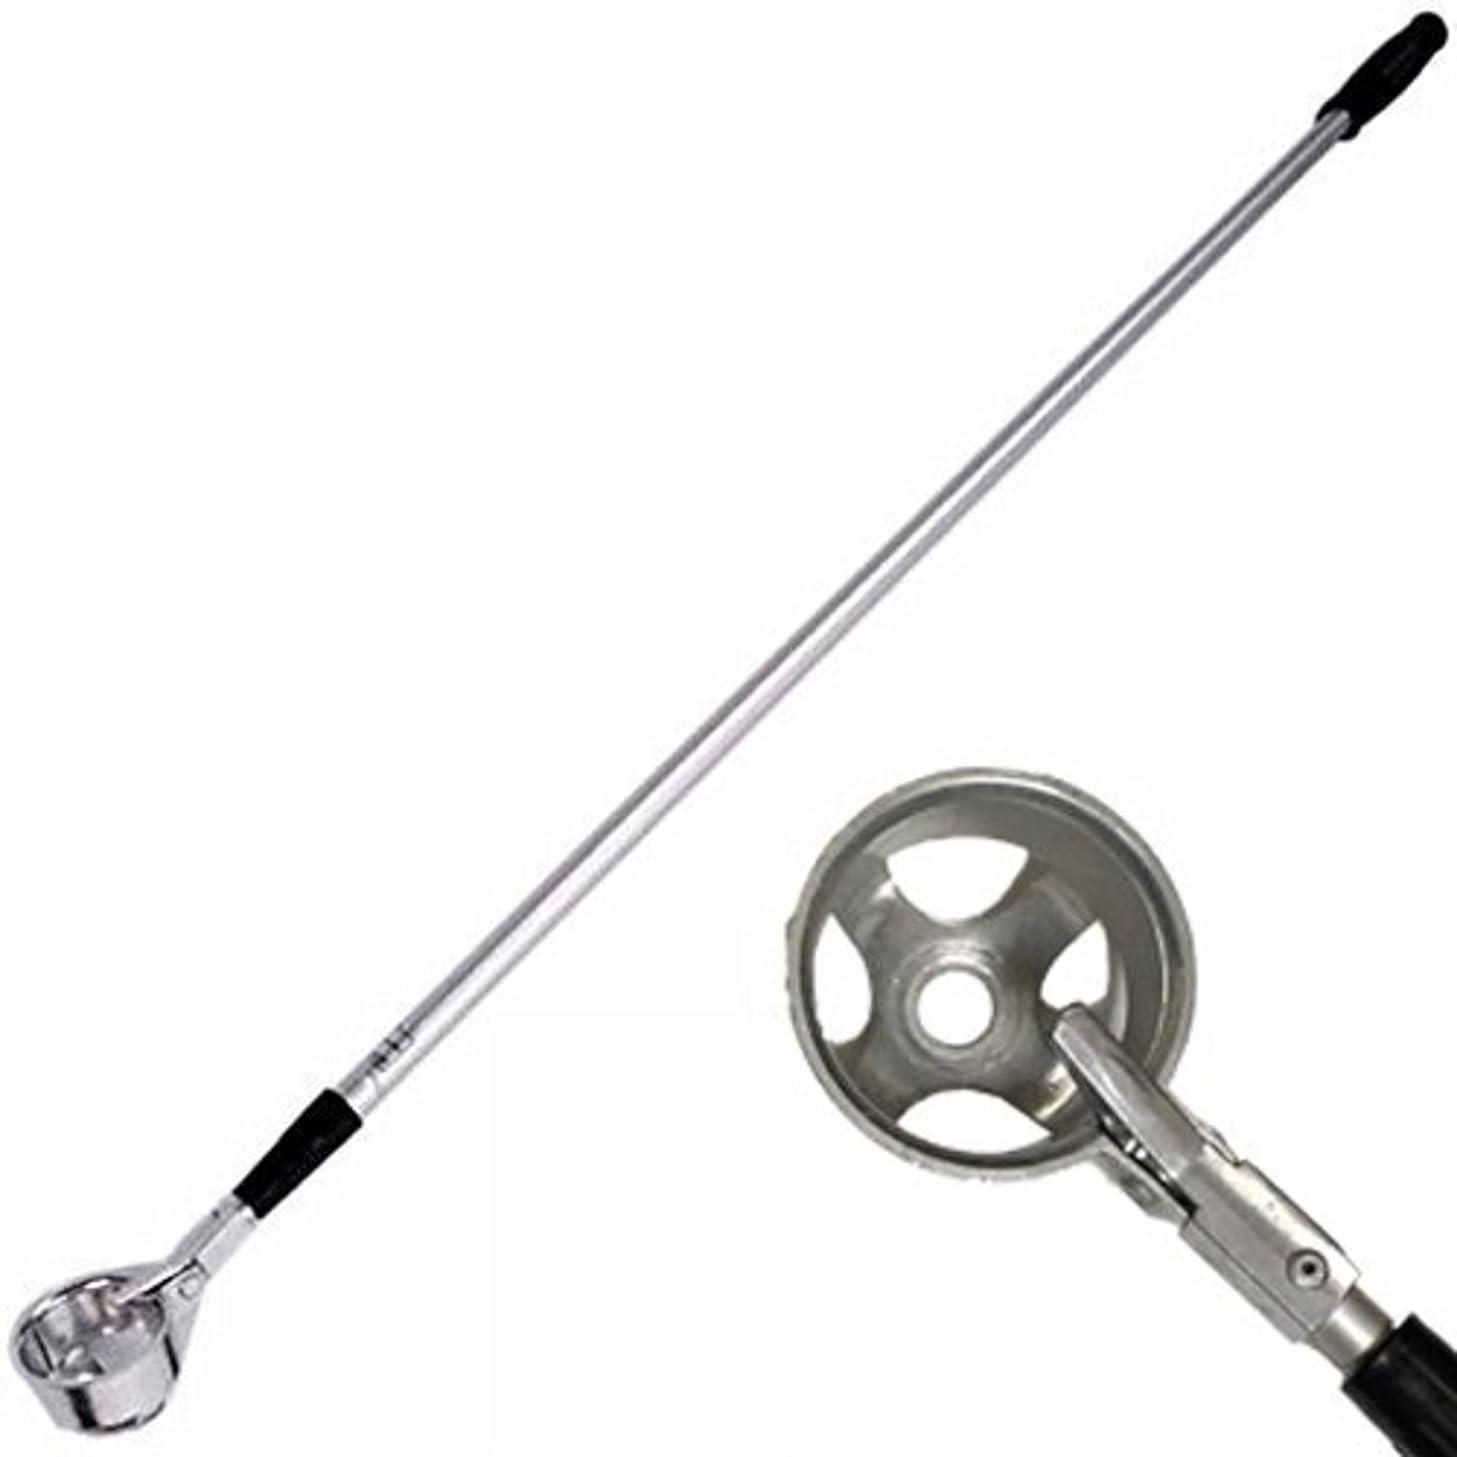 モスフラスコ縮約【SRrabbit 】伸縮 ゴルフ ボール ピッカー 池ポチャ ボール拾い器 片手で容易に 回収 軽量 2.7m